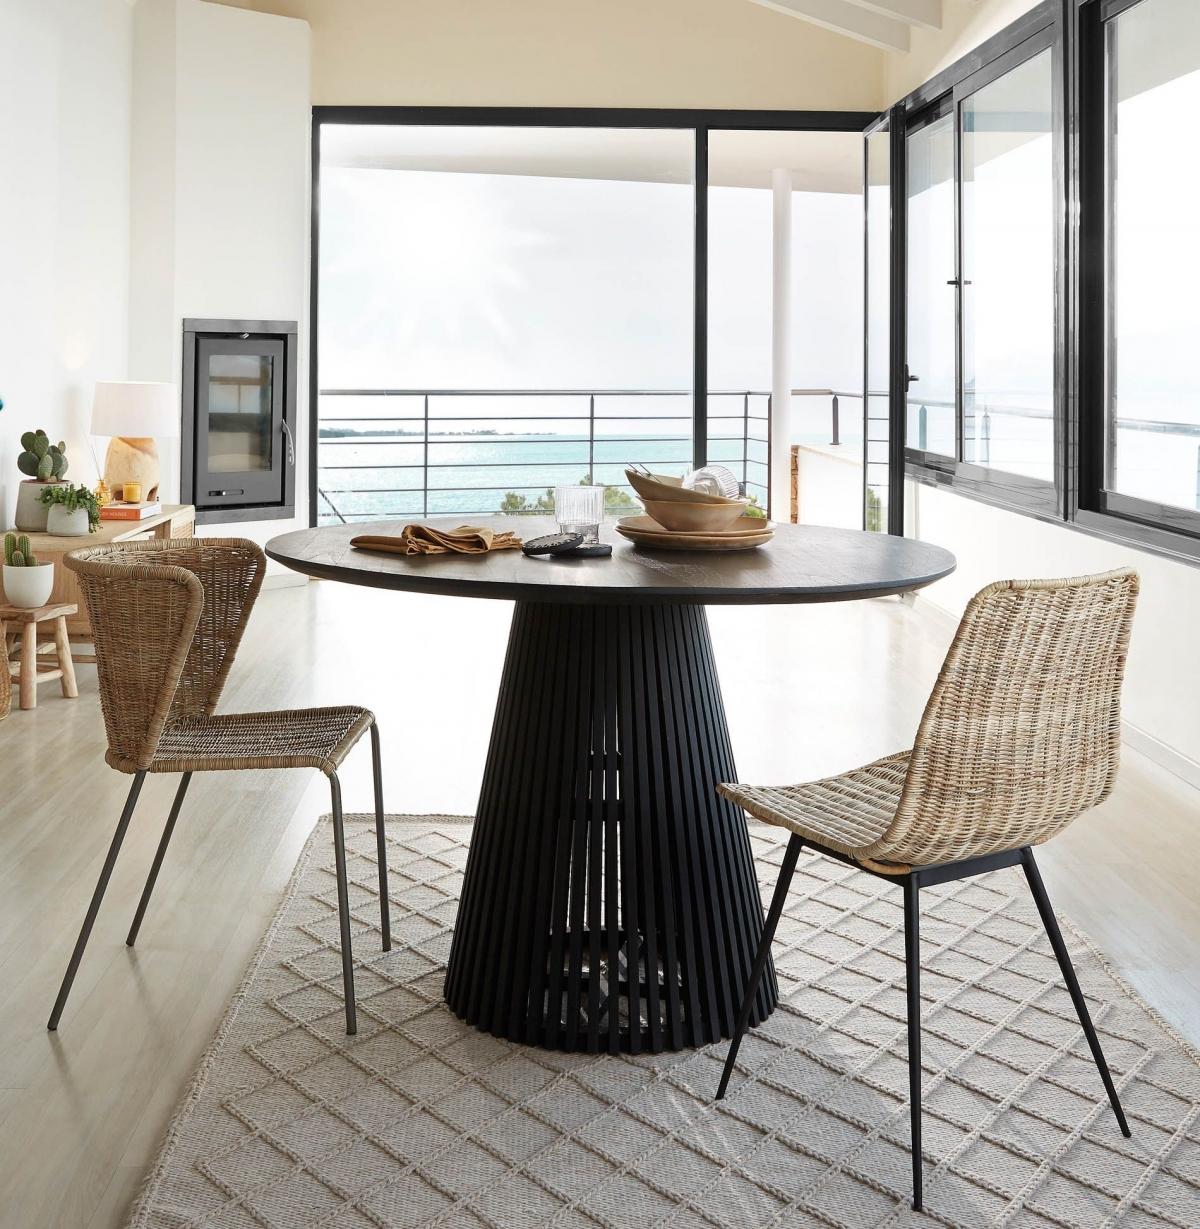 Тропический колорит и роскошь в дизайне модного обеденного уголка для большой гостиной